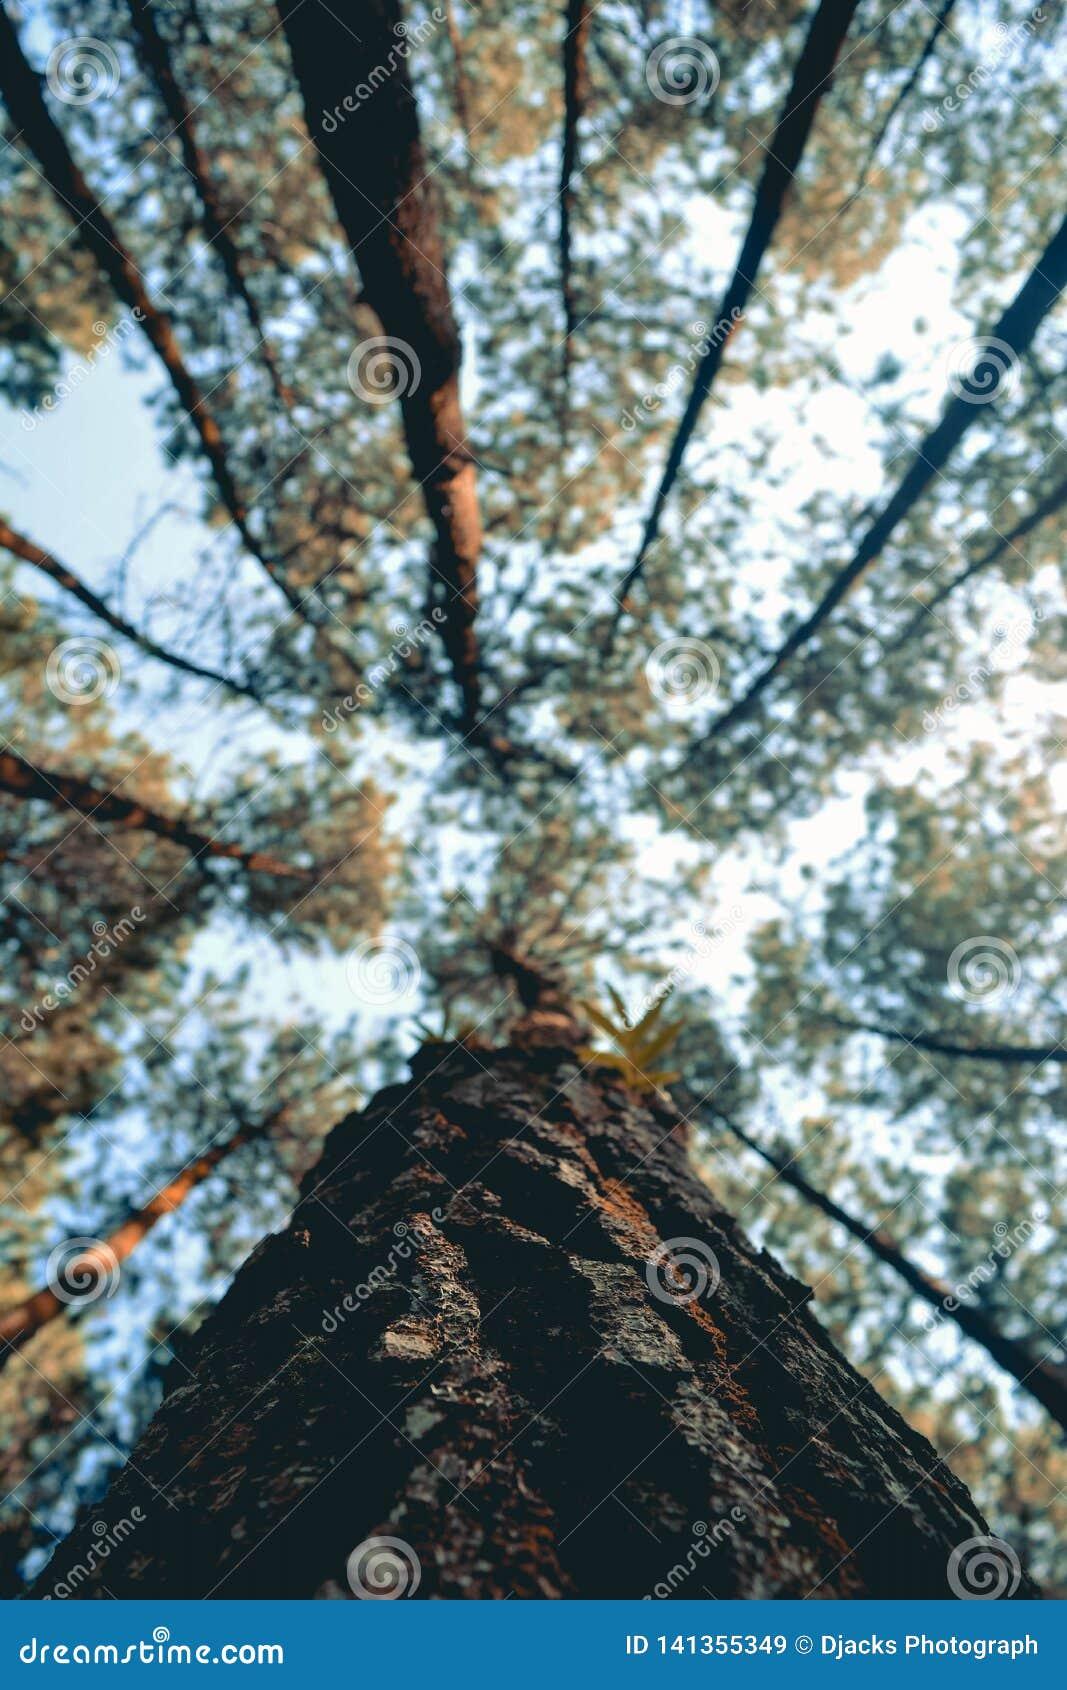 Em linha reta, as florestas estendidos, o sol da manhã penetraram as árvores